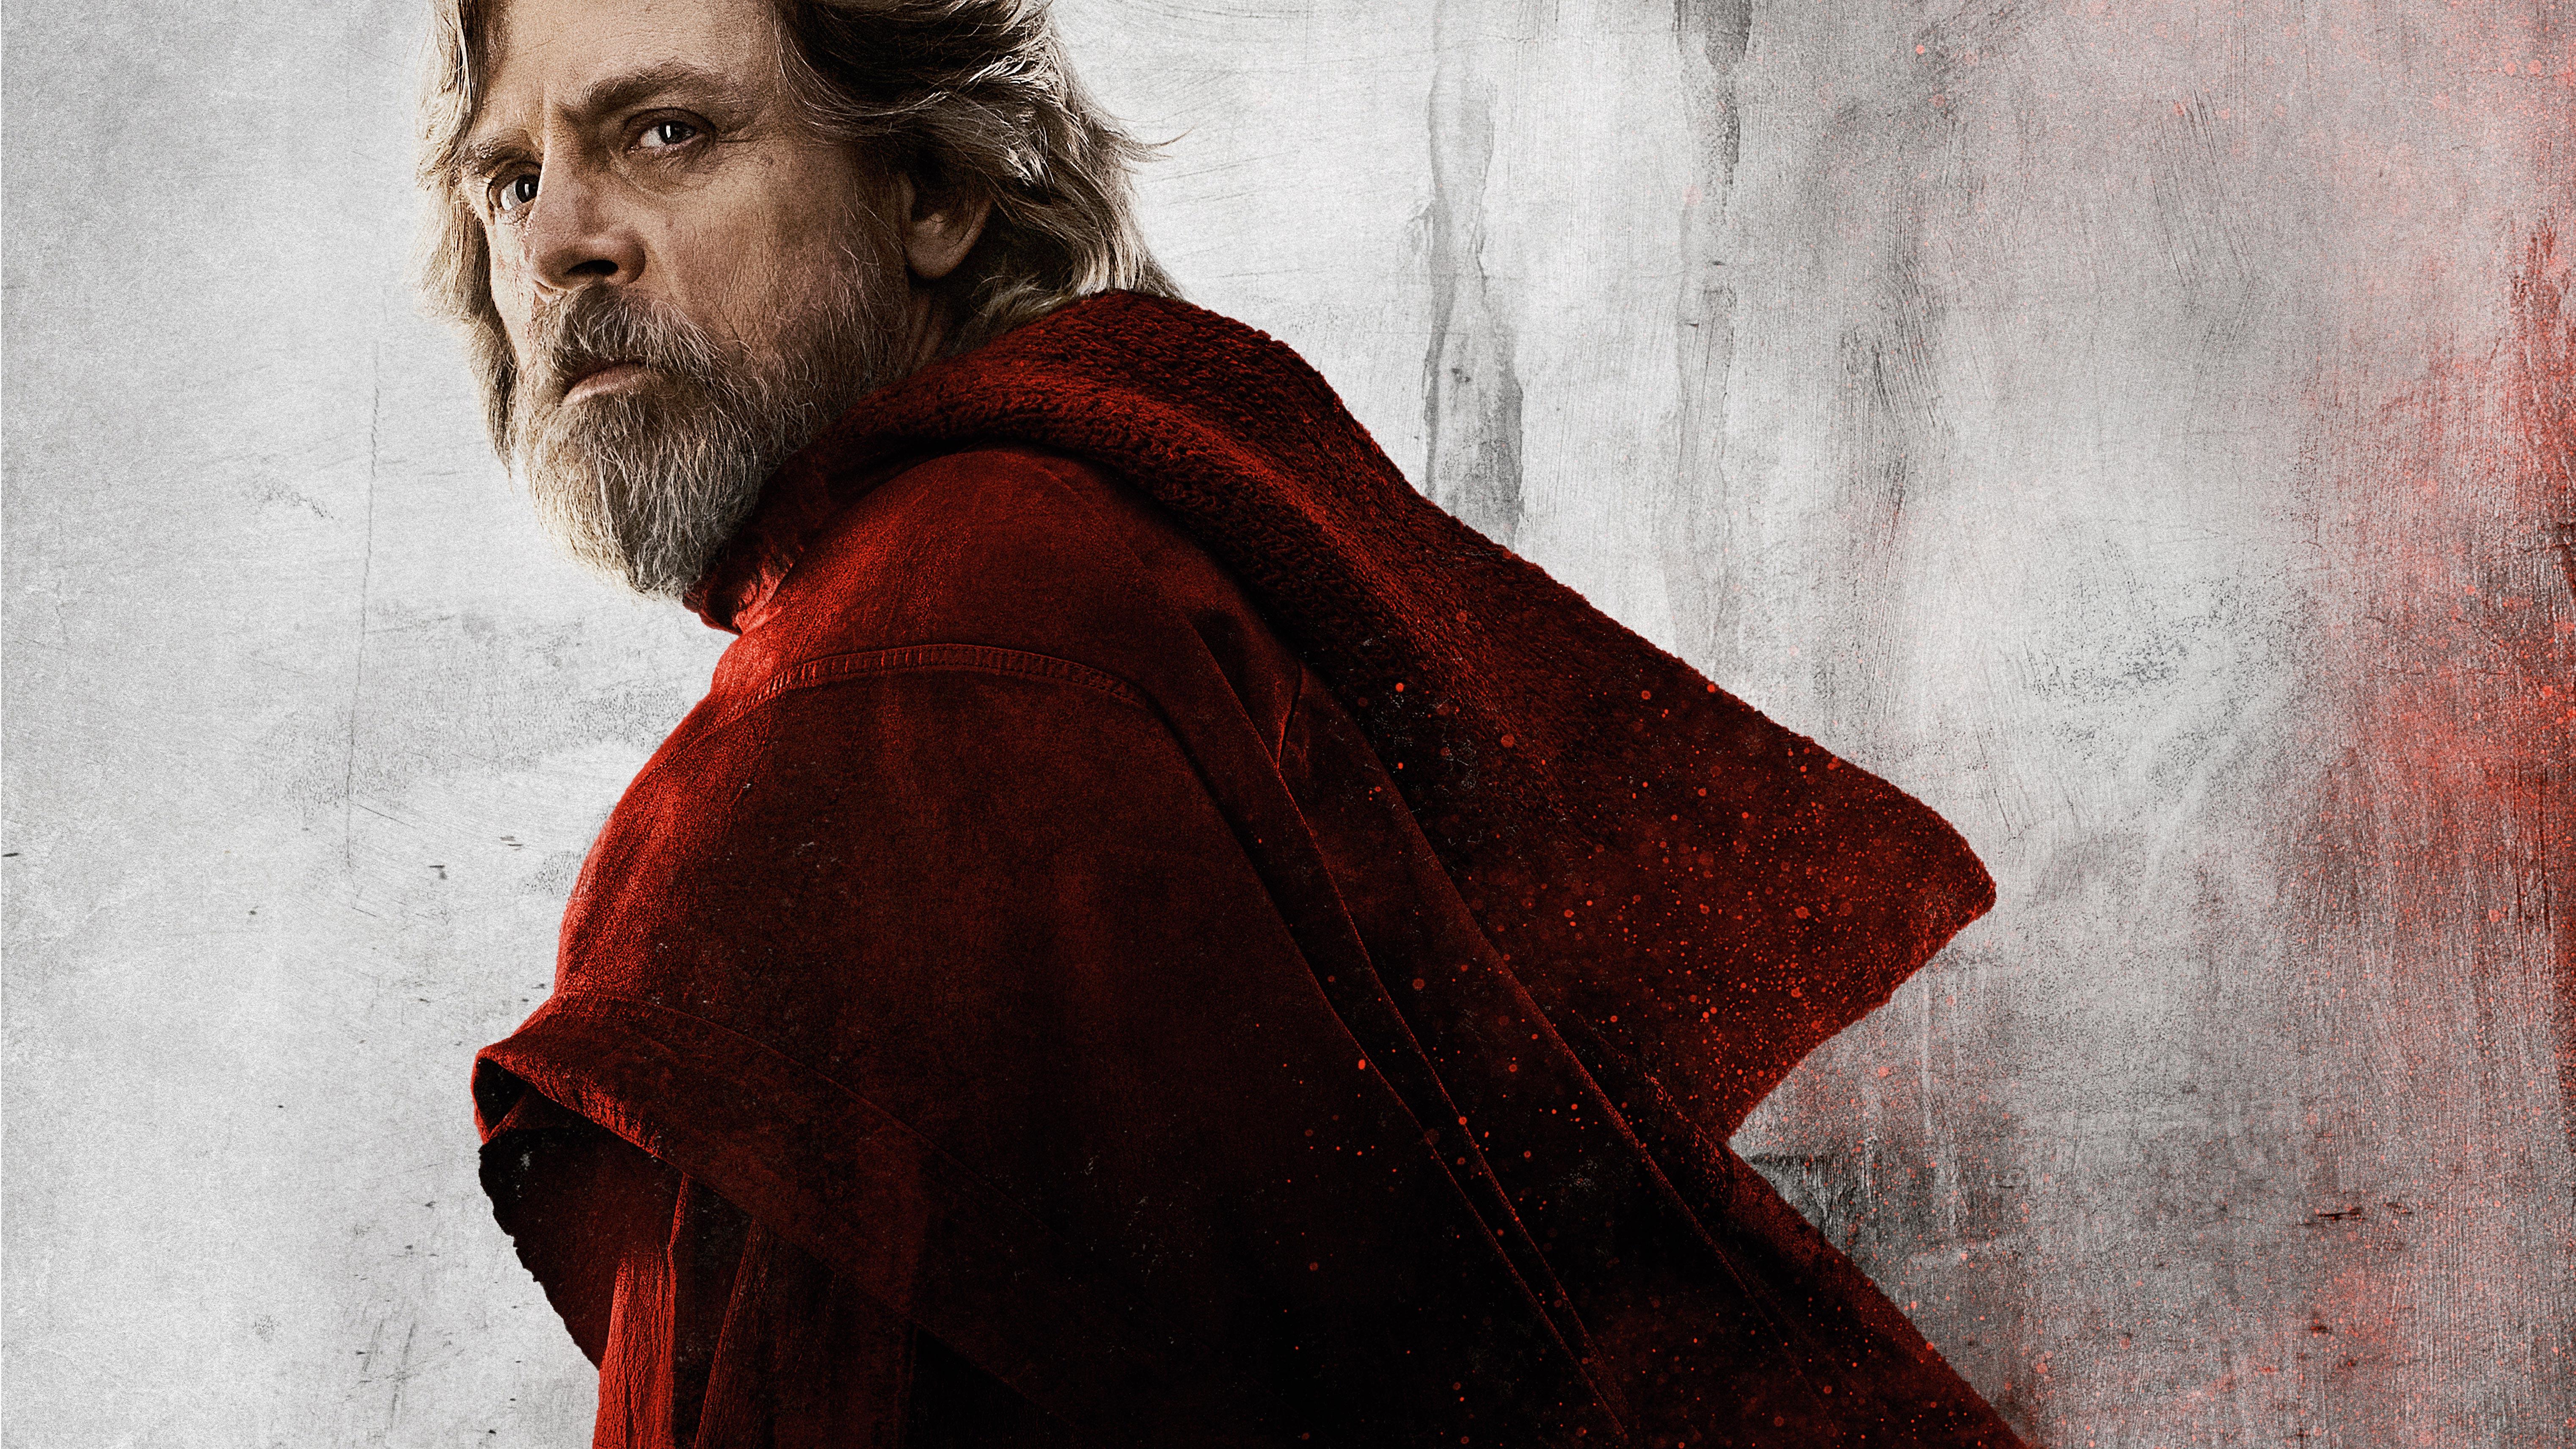 Star Wars The Last Jedi Desktop Wallpaper: Luke Skywalker Star Wars The Last Jedi, HD Movies, 4k